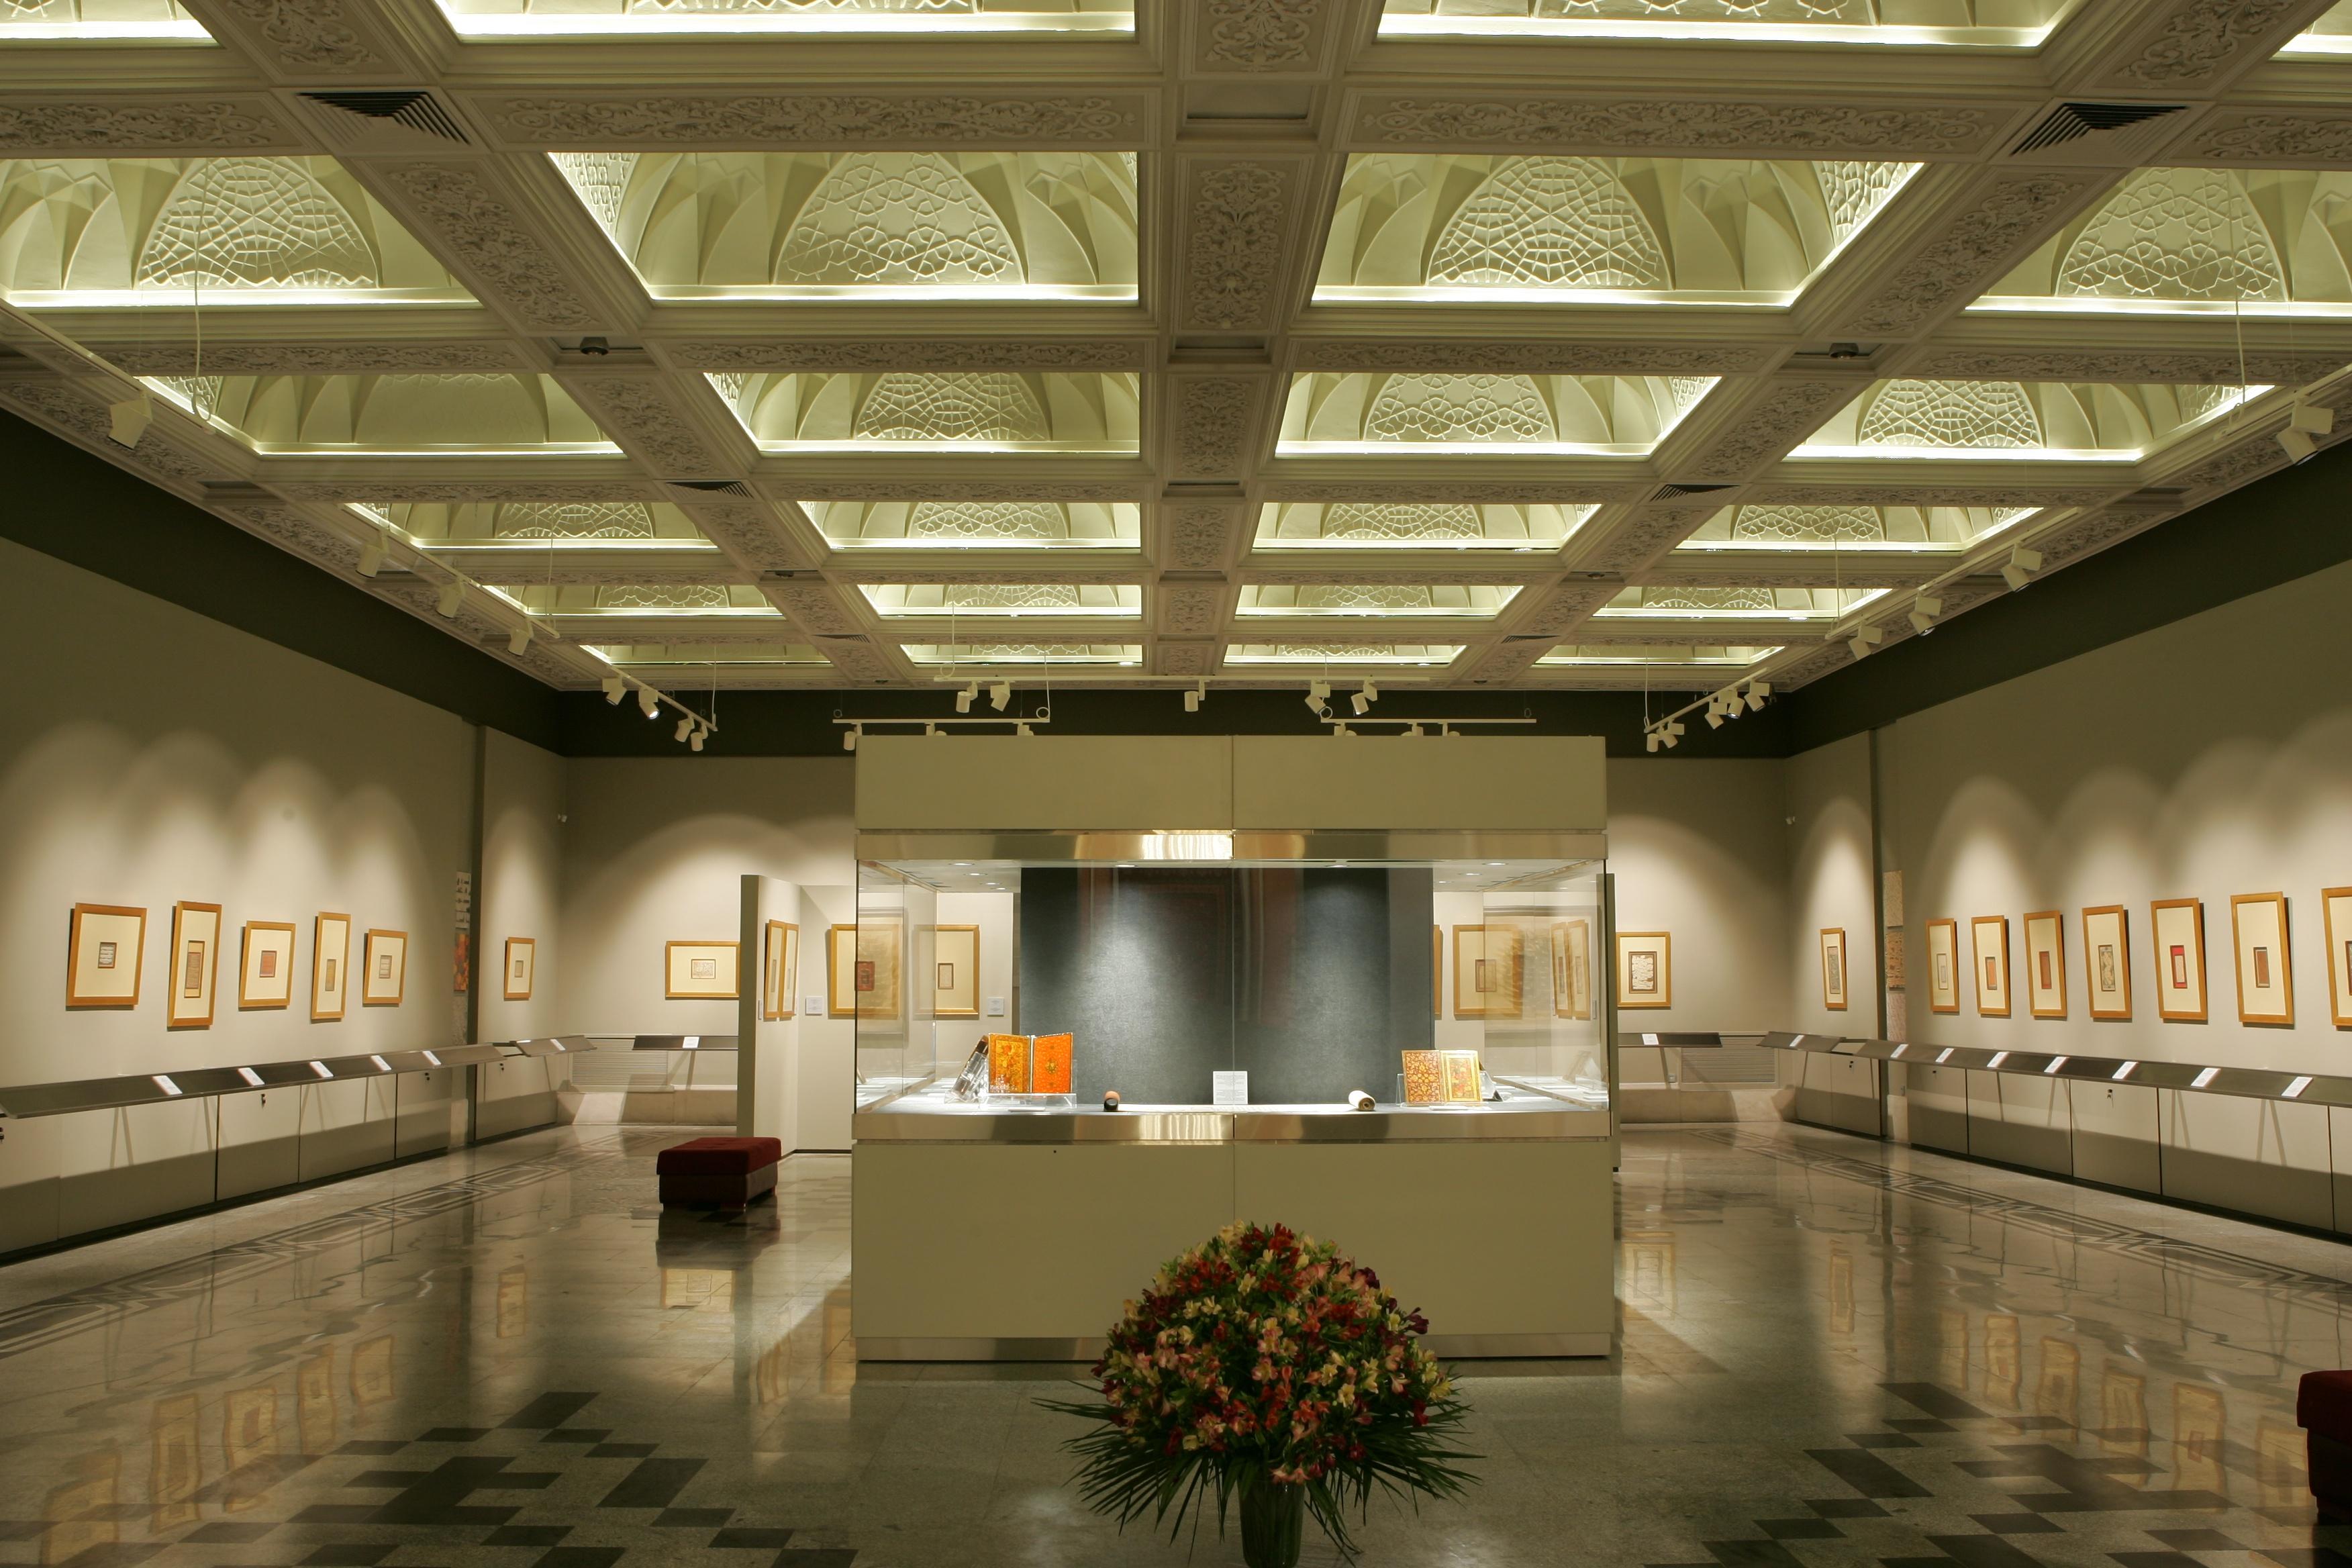 نمایشگاه دایمی خوشنویسی و نگارگری